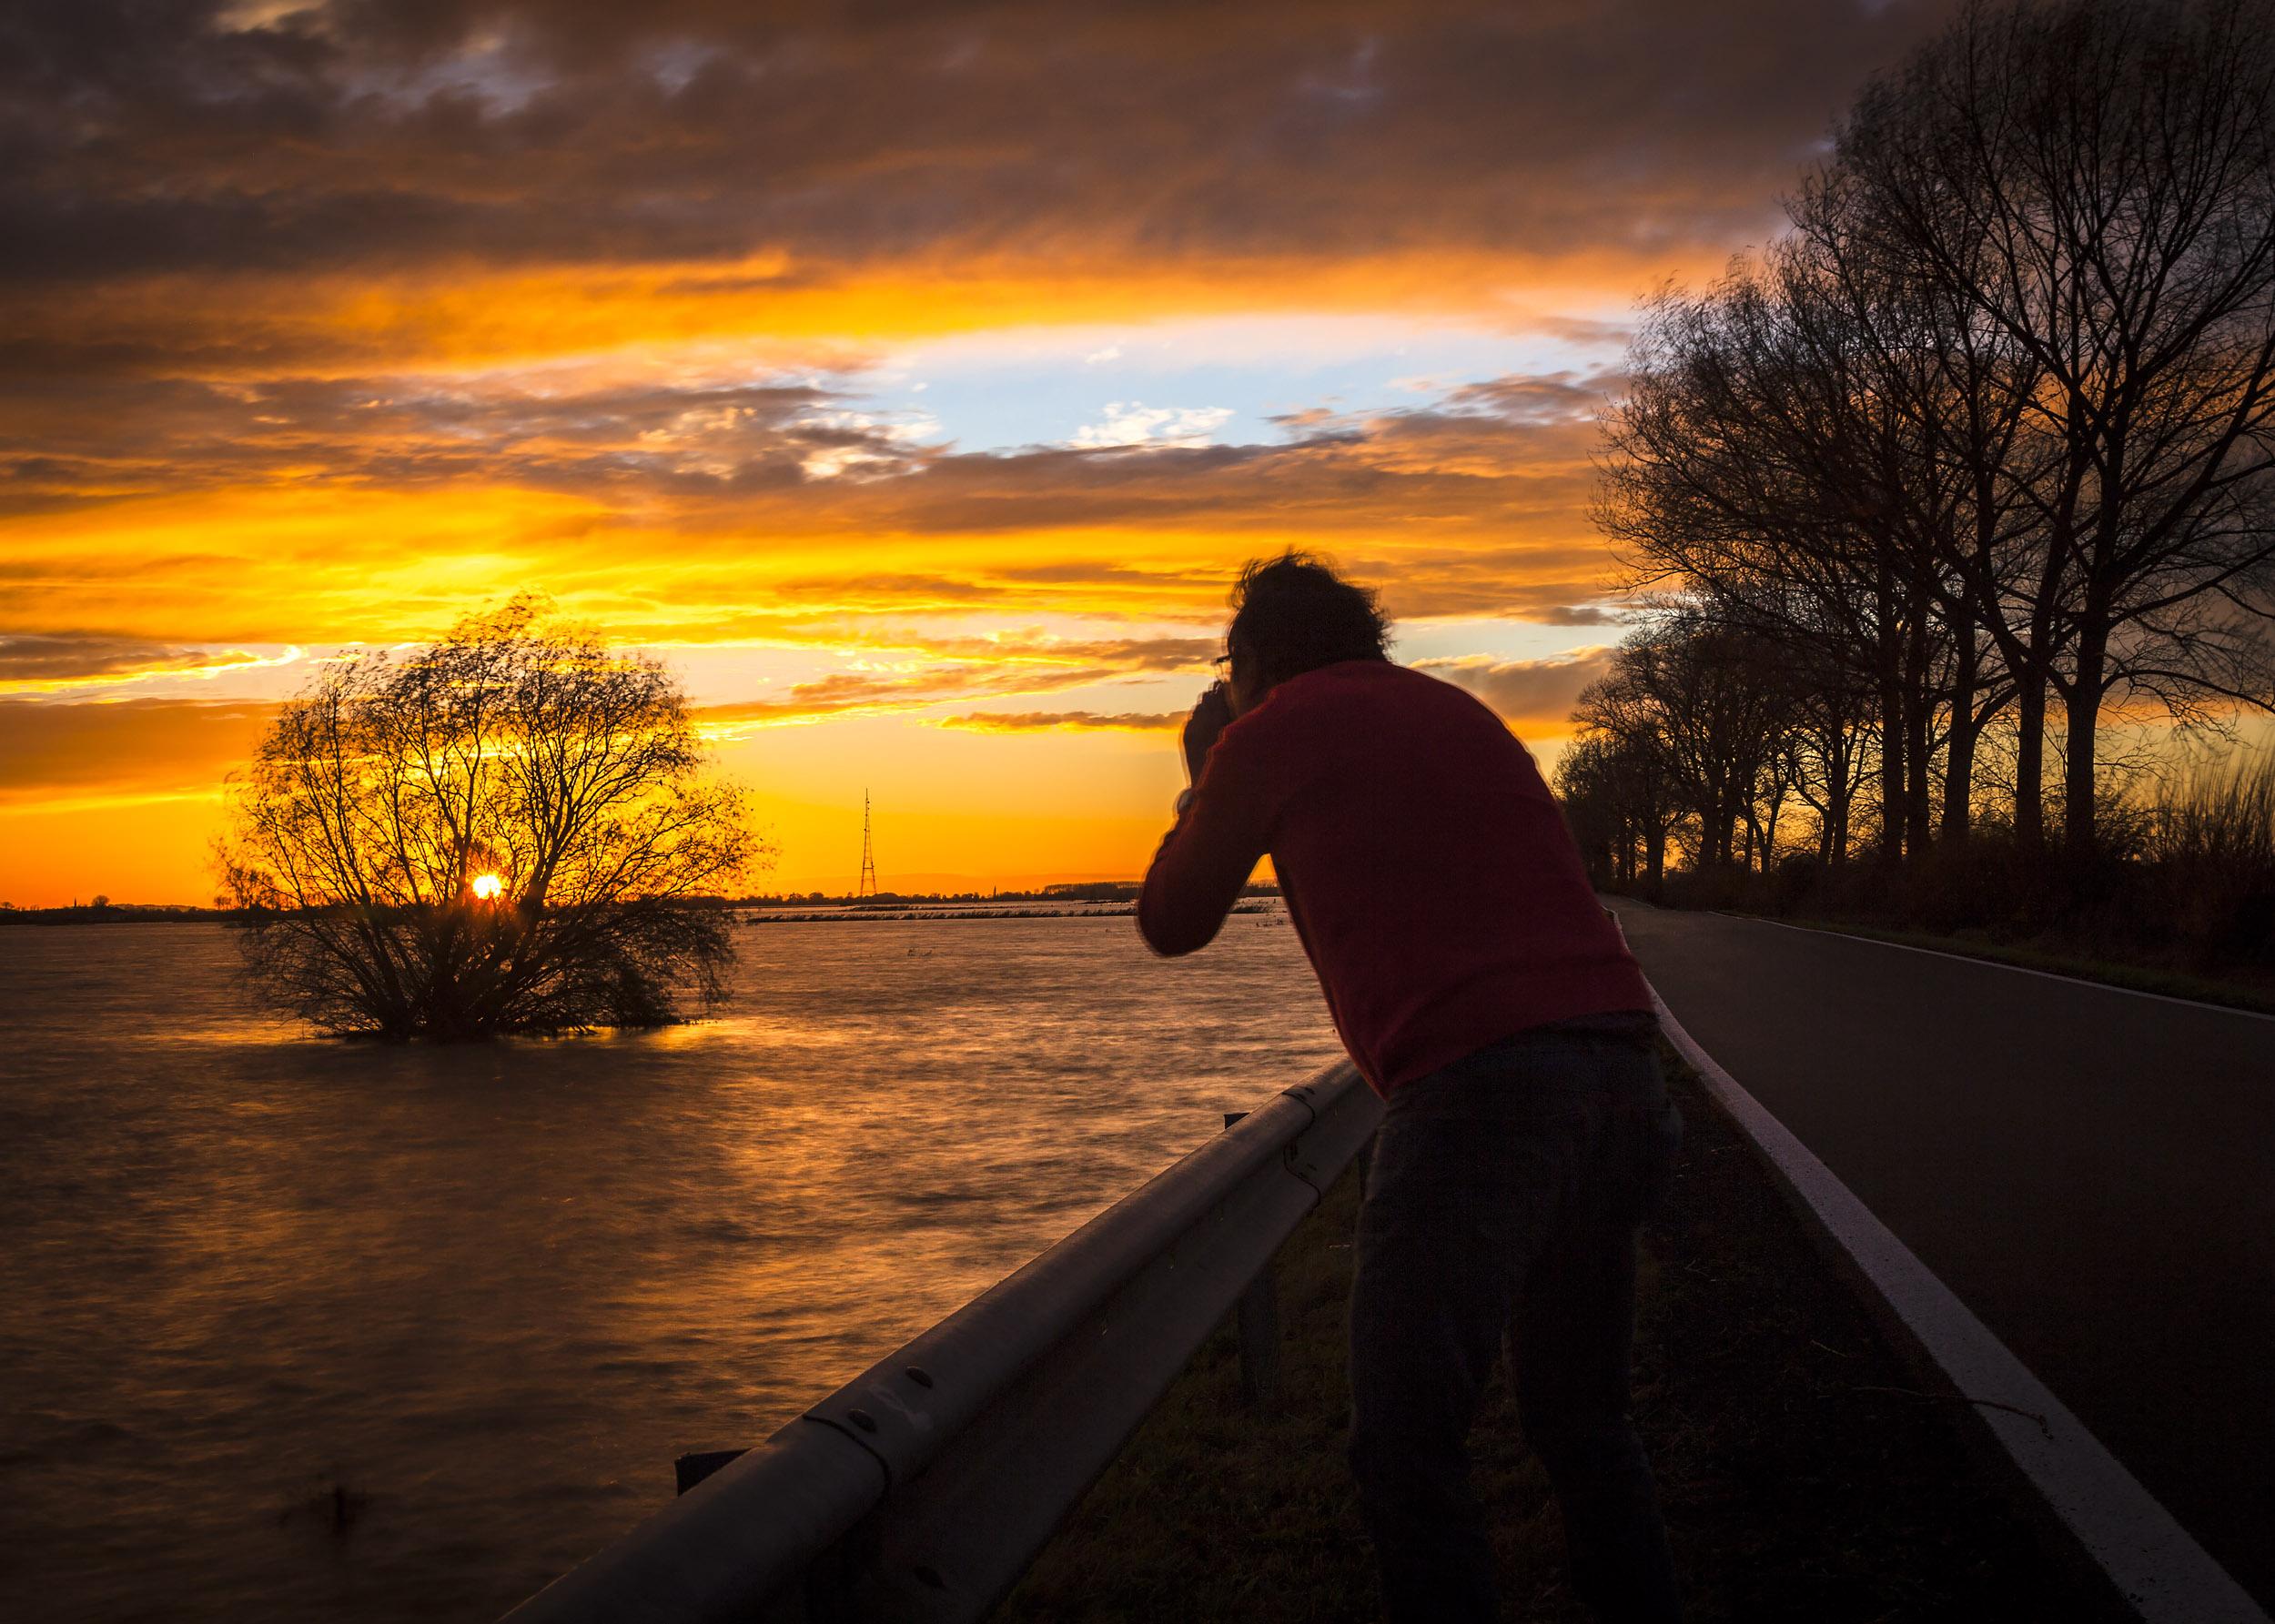 glenn vanderbeke, fotograferen langs de IJzer, langs de ijzer, West Vlaanderen, landscahpsfotografie, landschapsfotograaf, vaartdijk, Lo-Reninge